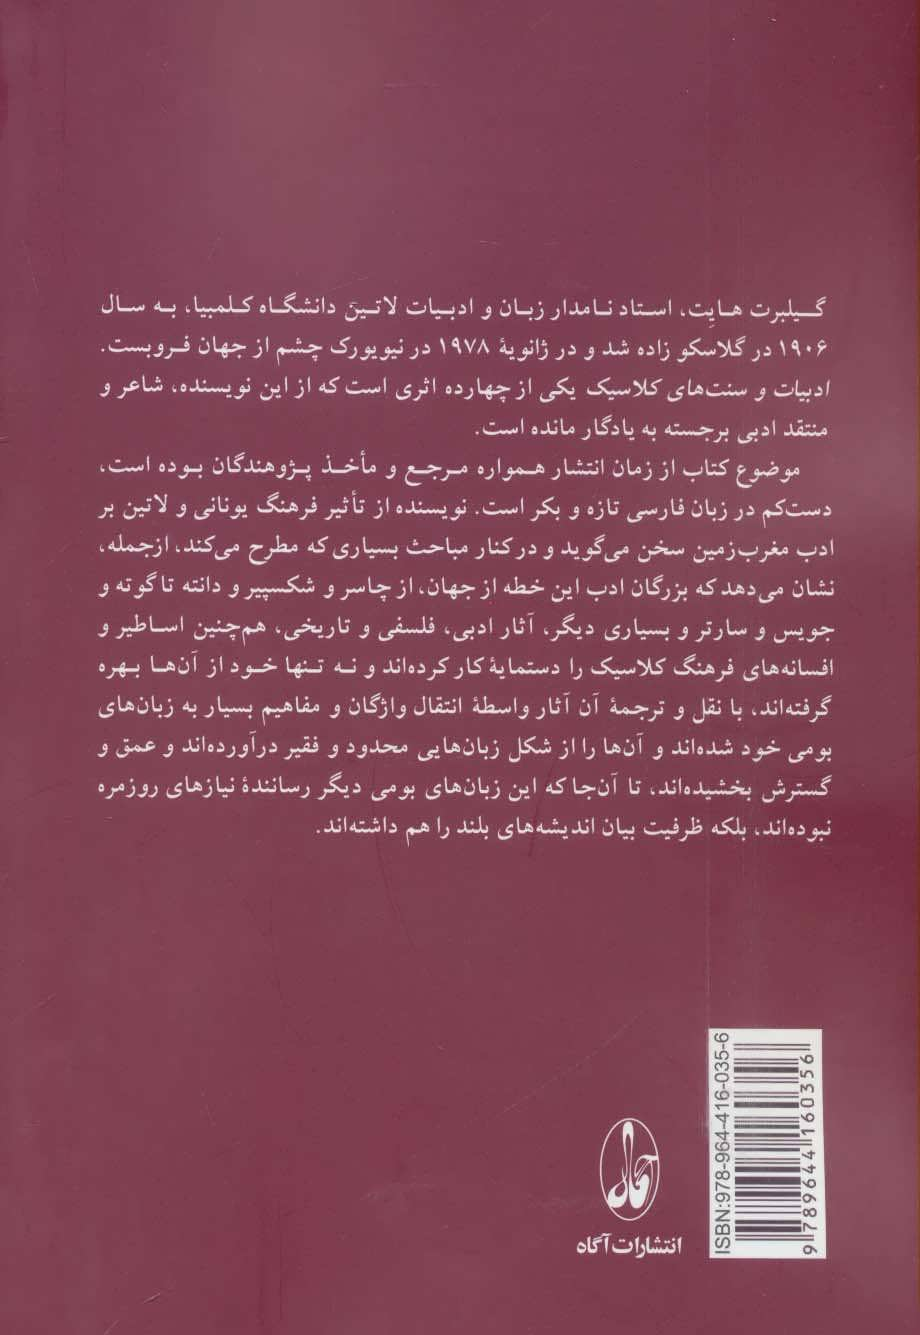 ##ادبیات و سنت های کلاسیک (تاثیر یونان و روم بر ادبیات غرب)،(2جلدی)